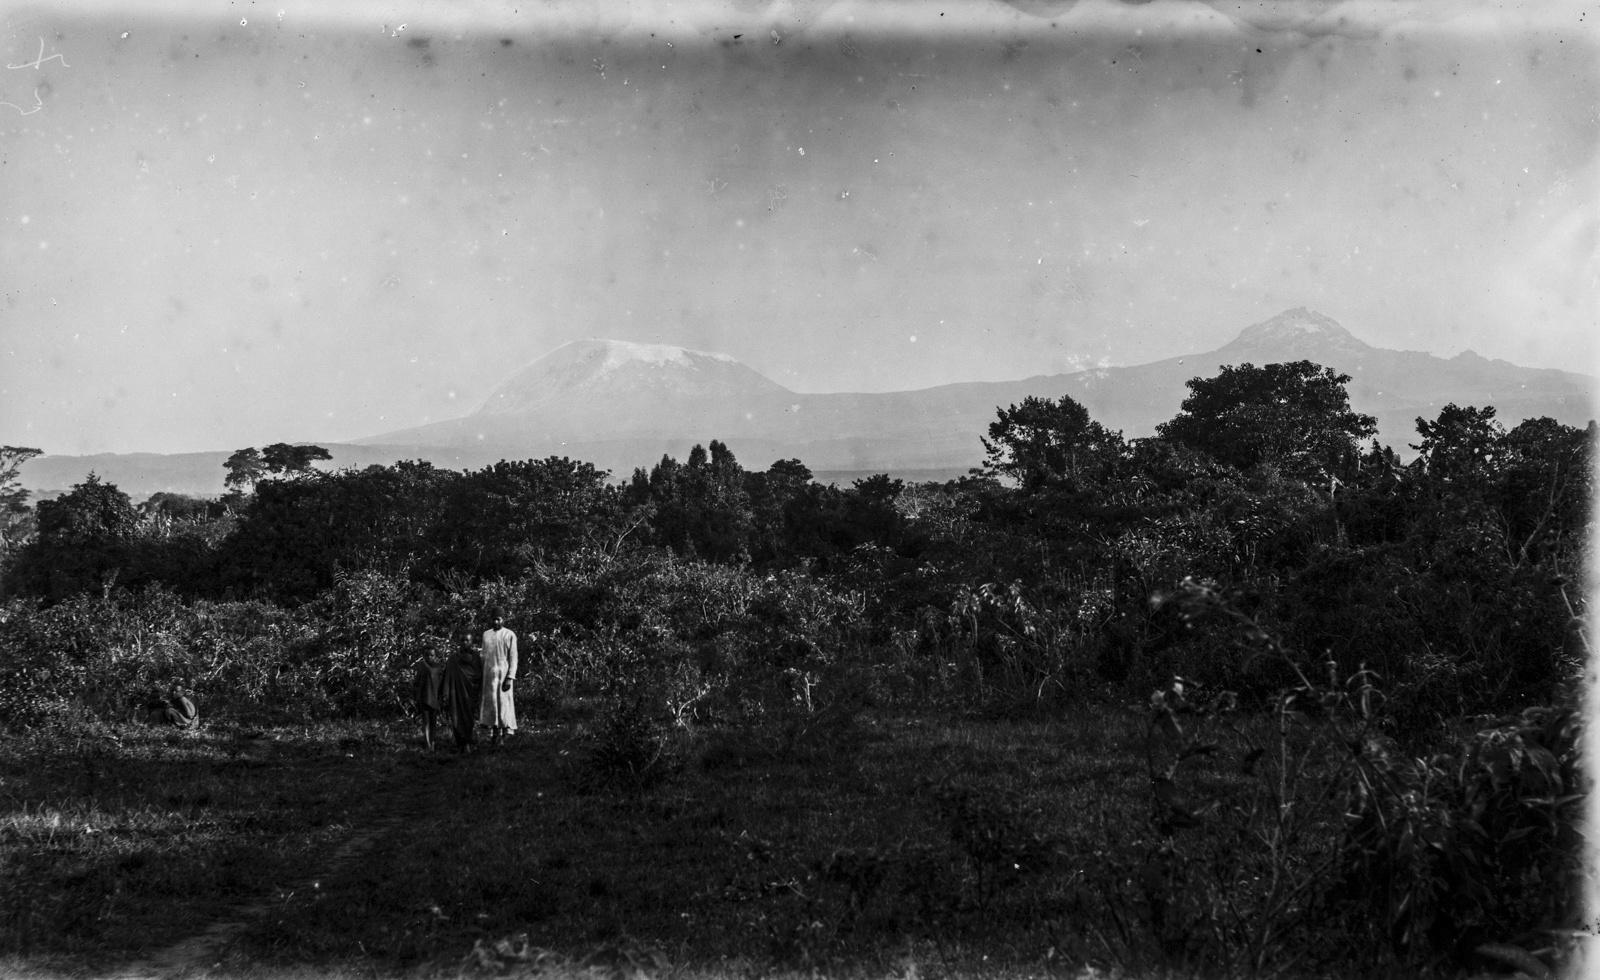 99. Вид на Килиманджаро в облаках